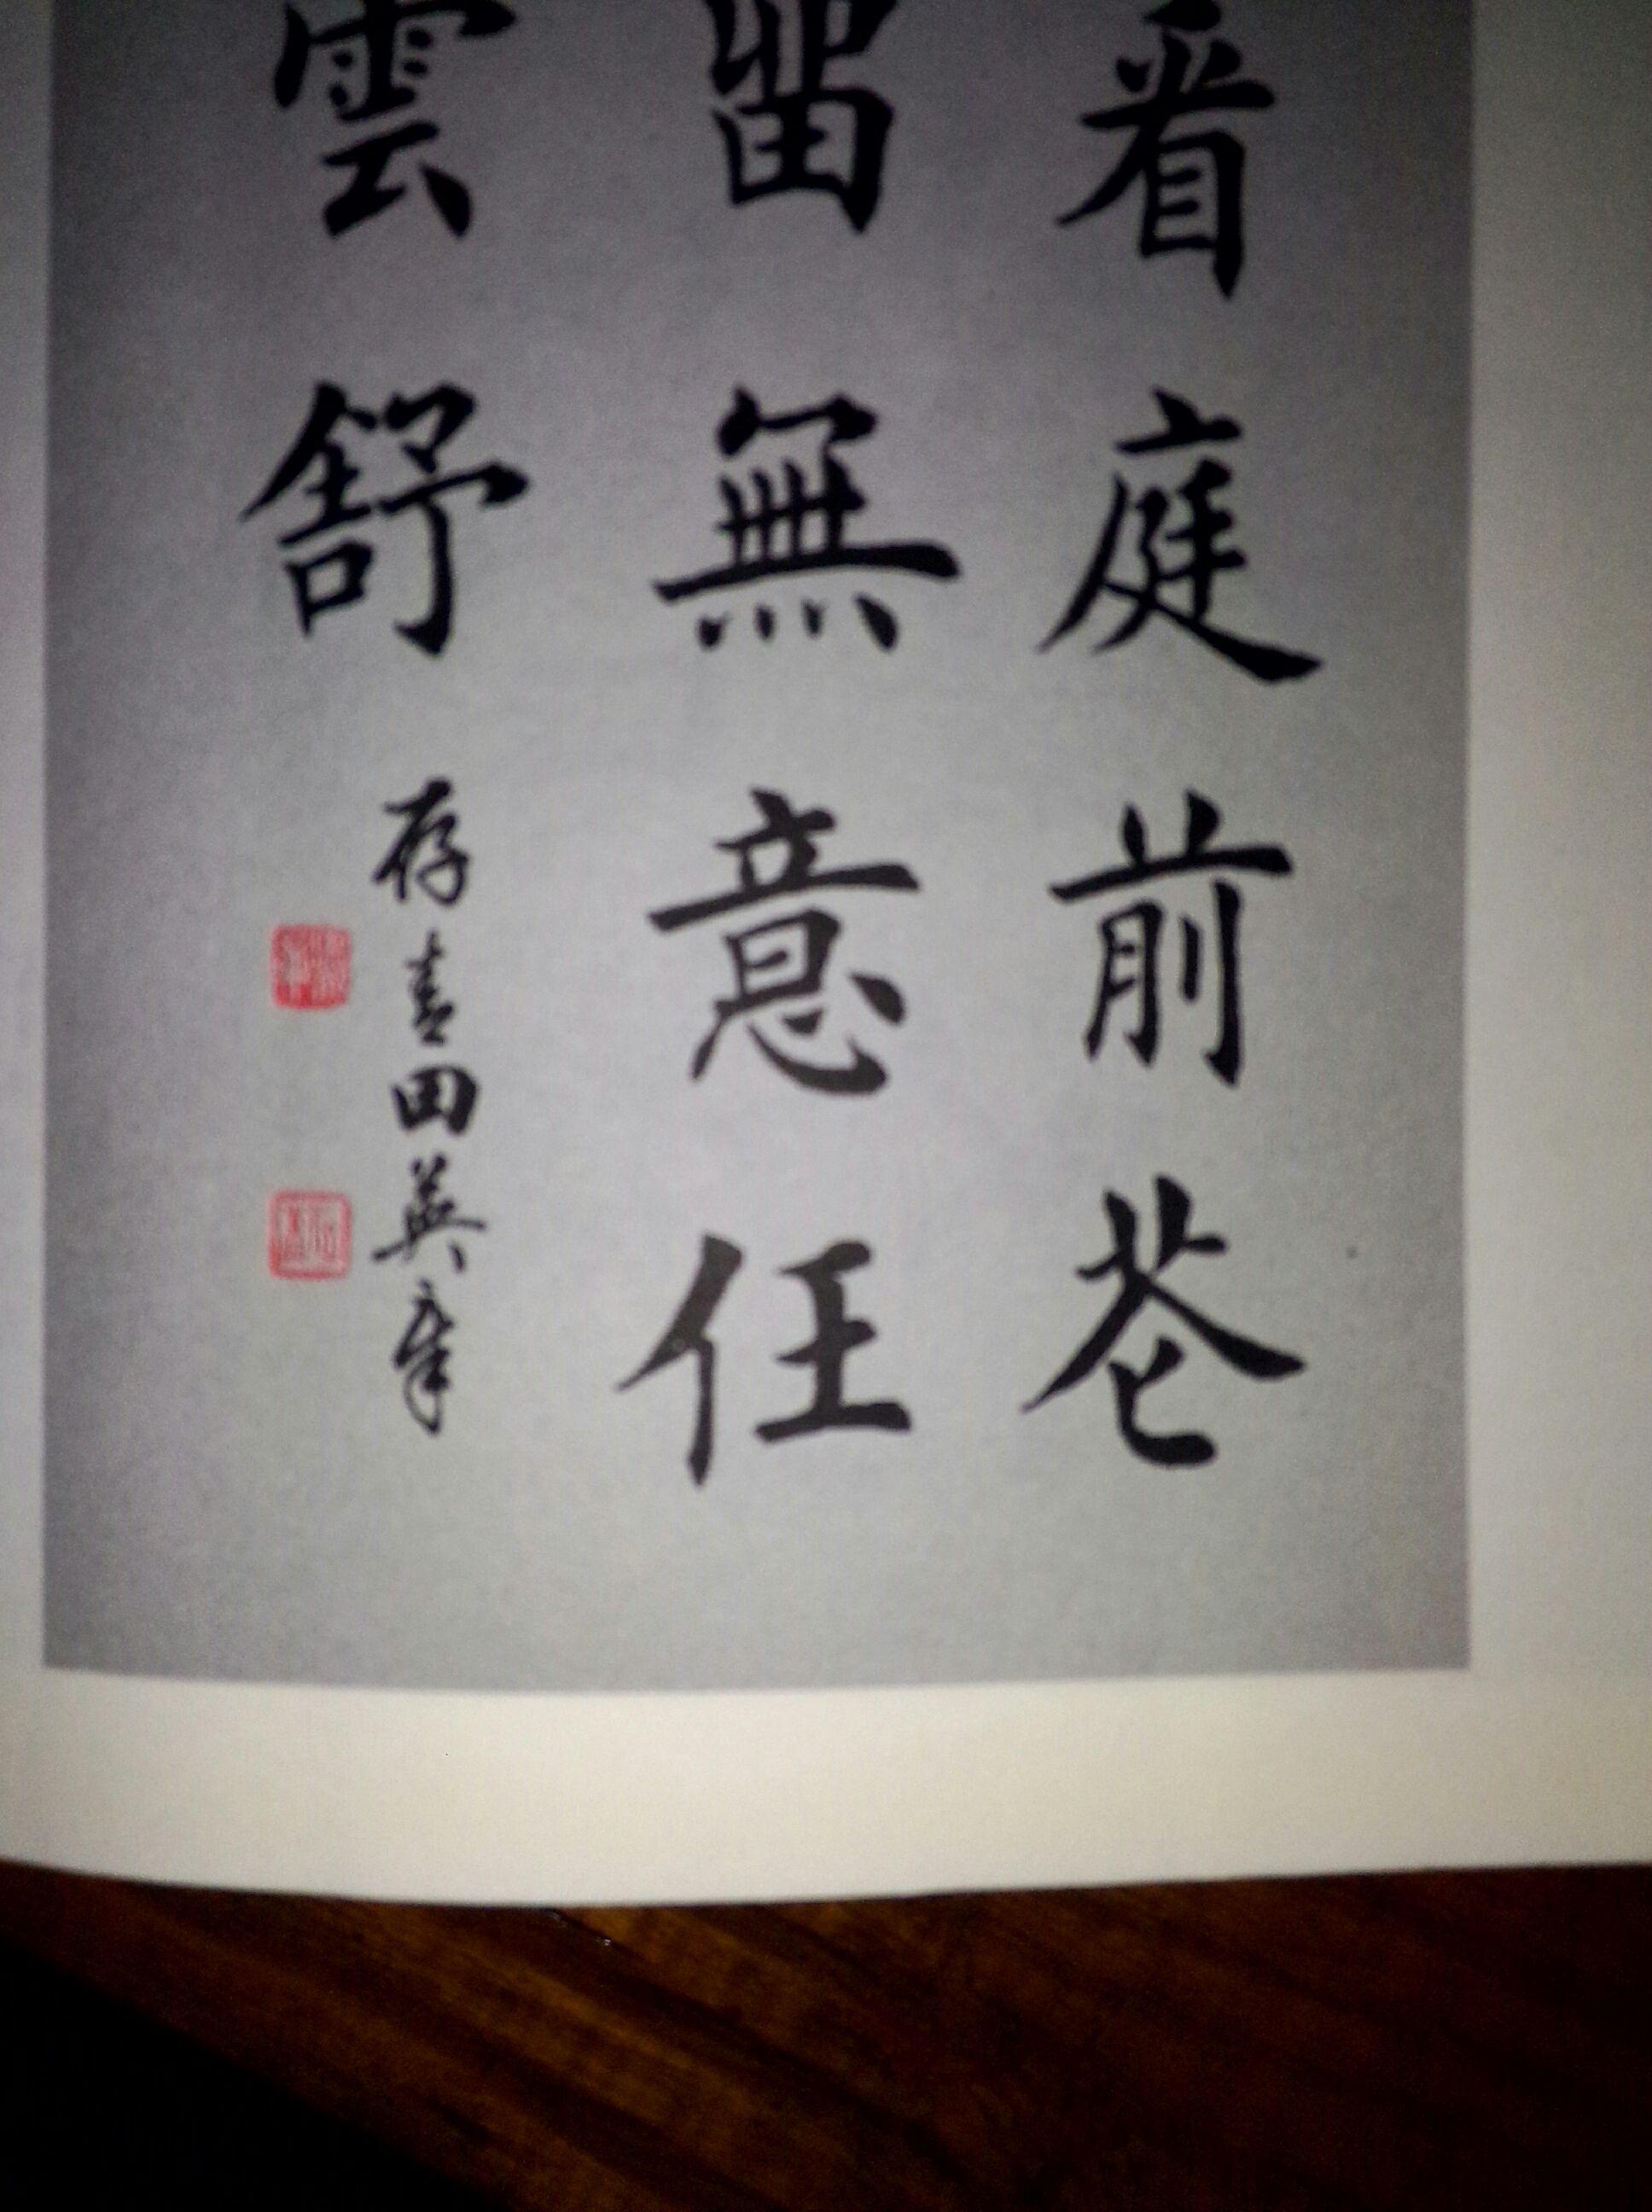 书法中的异体字_图片上前字下面的那个字是花字的异体字,这是田英章老师的作品.